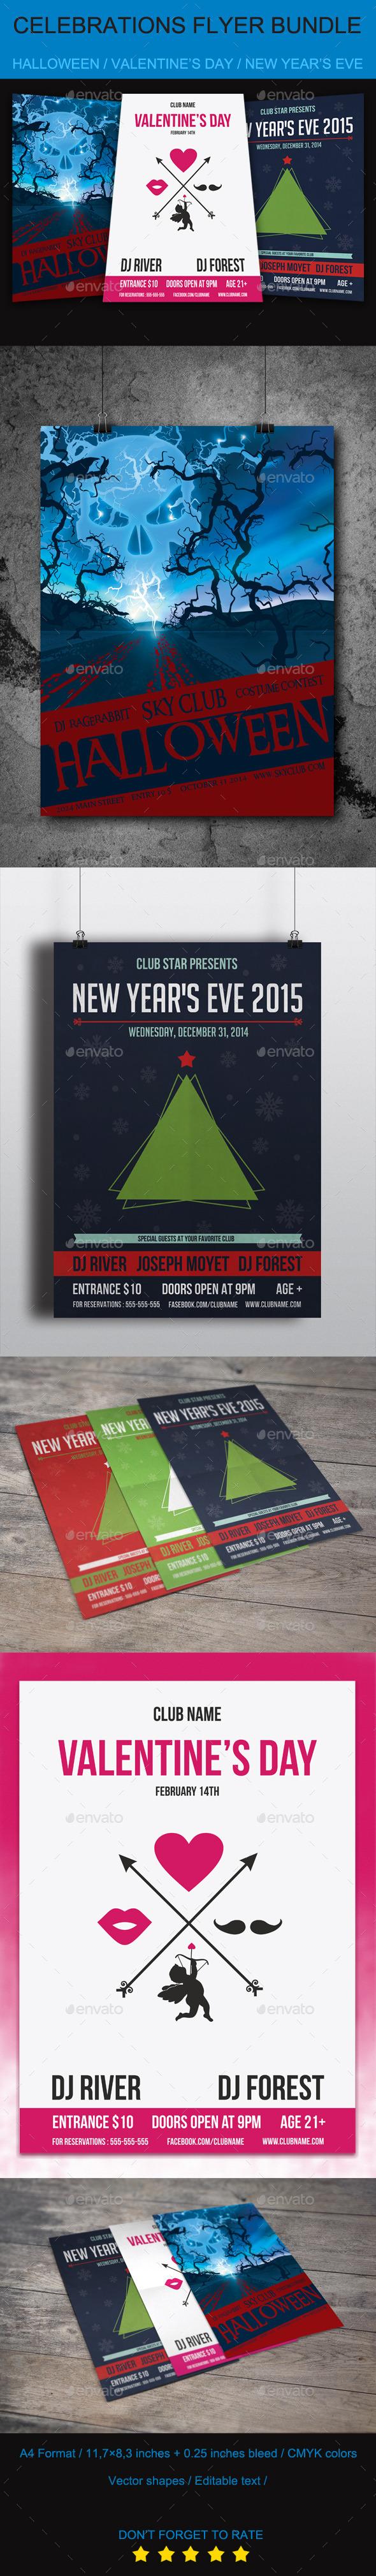 Celebrations Flyer Bundle - Flyers Print Templates